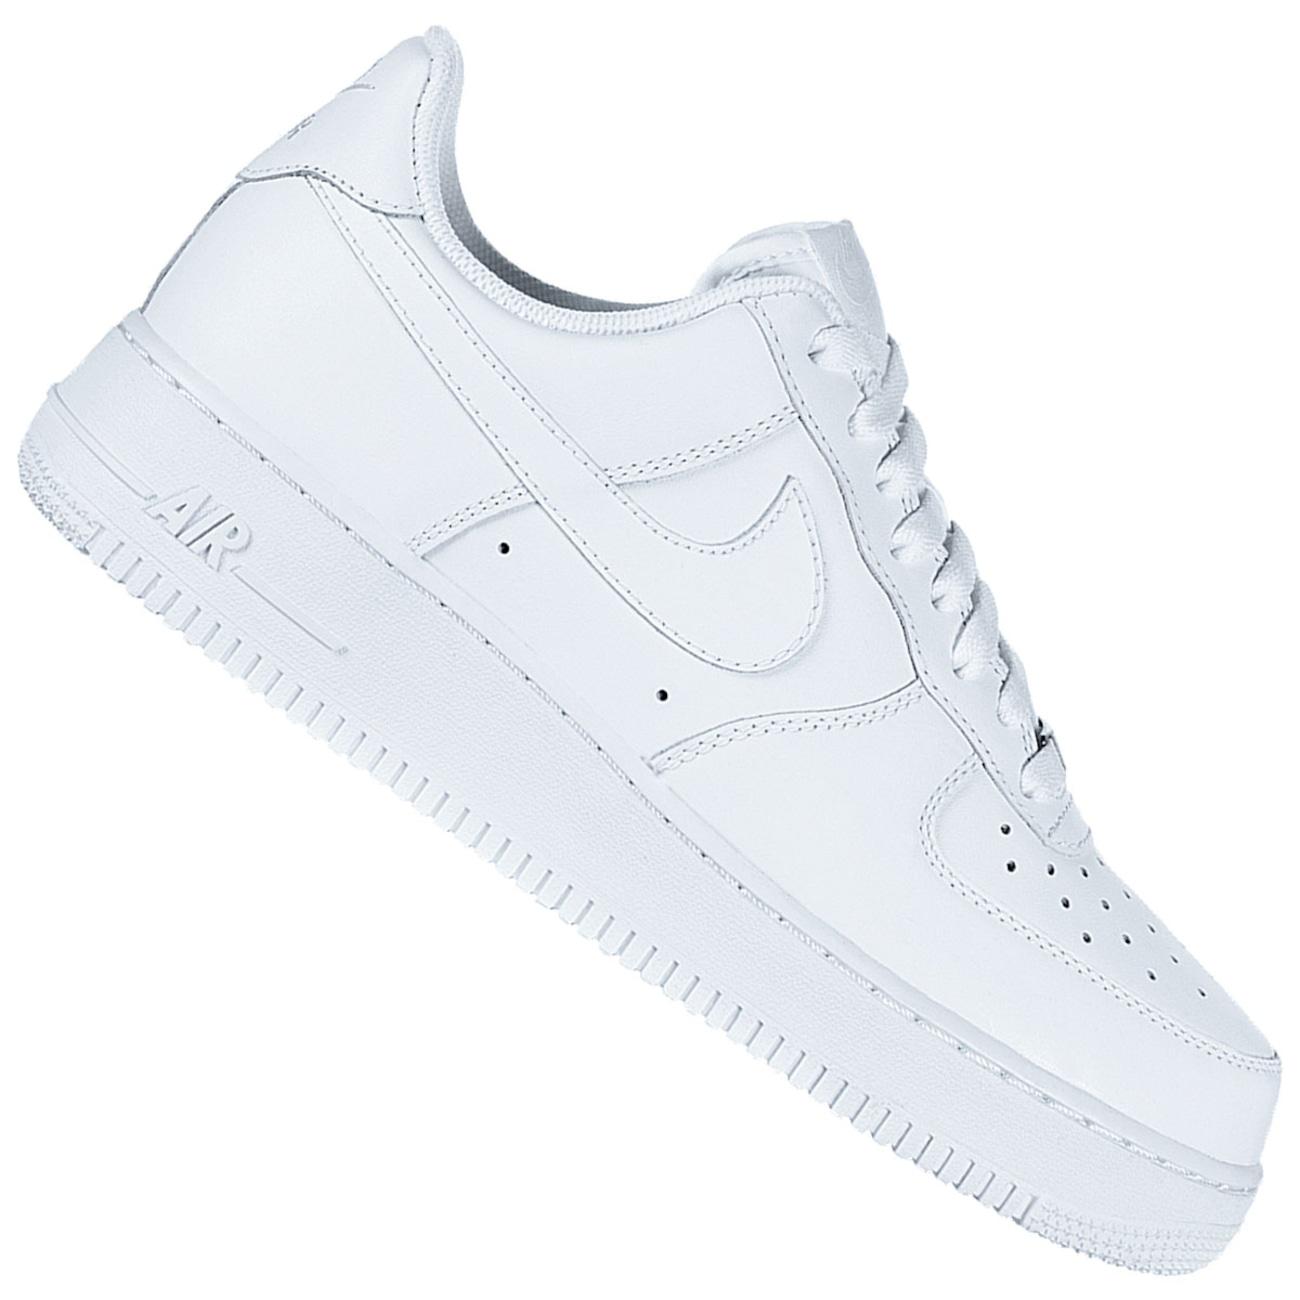 Tênis Nike Air Force 1 07 Le Masculino Centauro